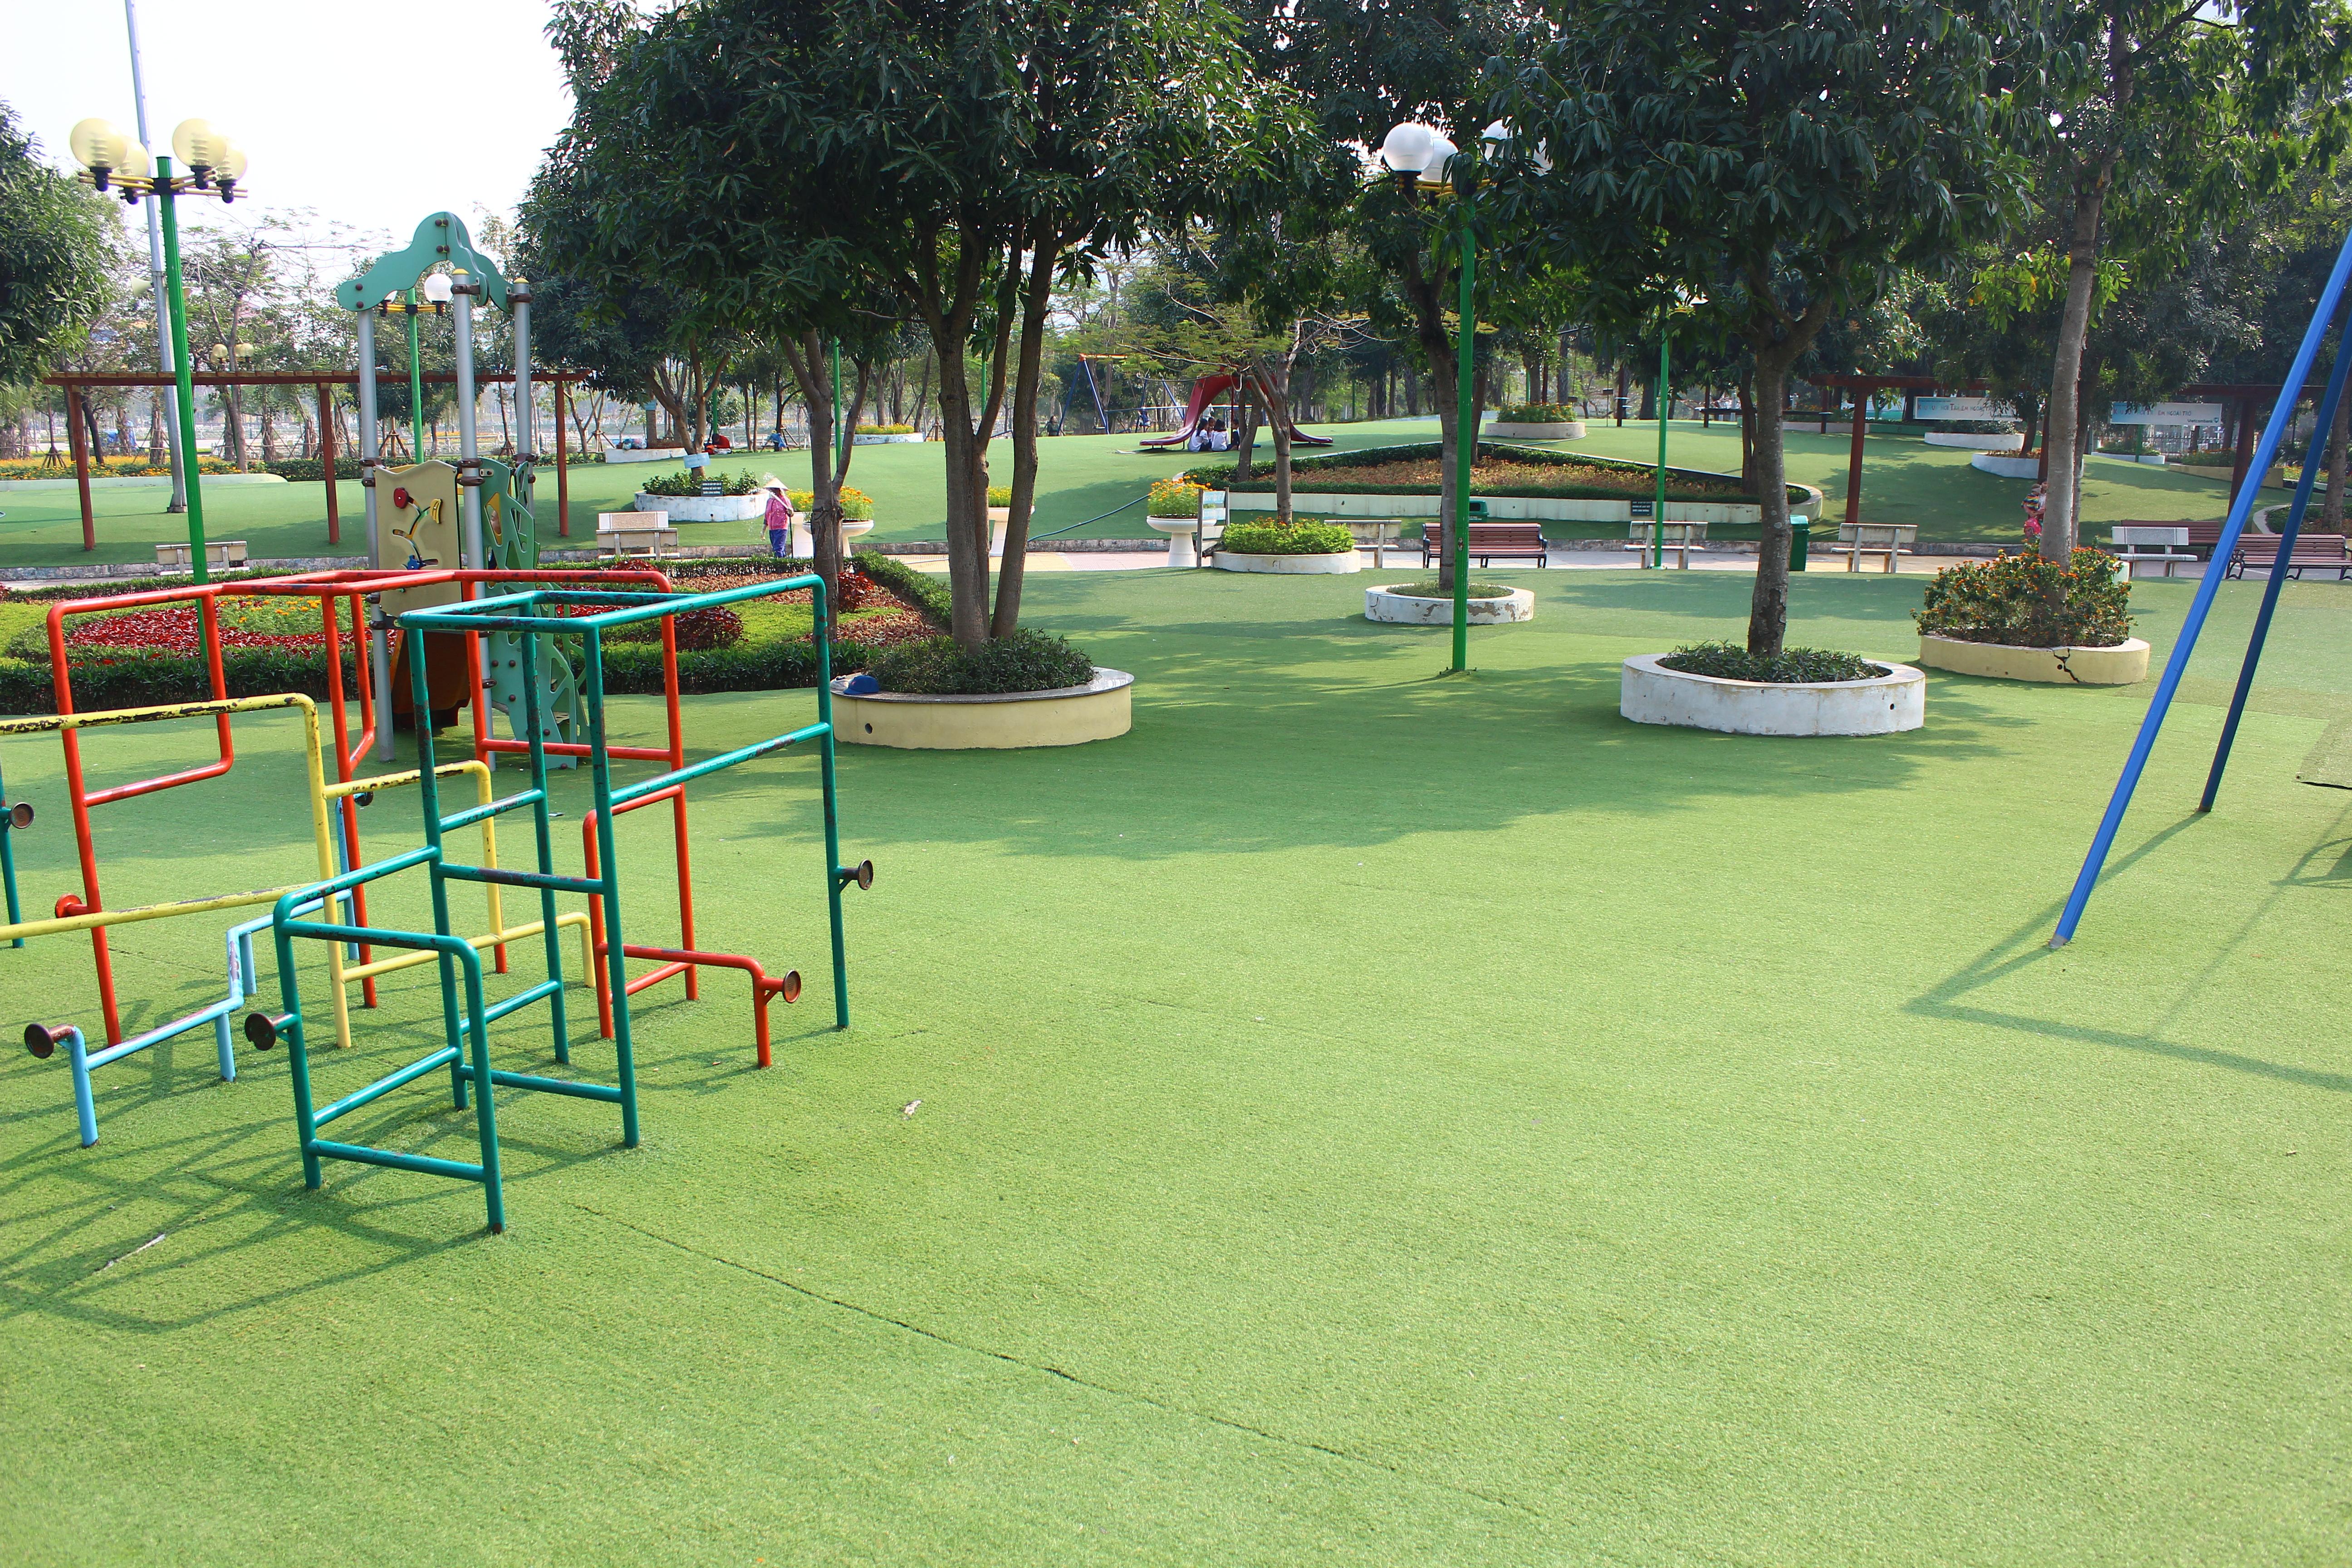 Các thiết bị vui chơi do Nhật Bản tài trợ lắp ráp.  Toàn bộ mặt sàn của sân chơi được trải cỏ  n  t3.